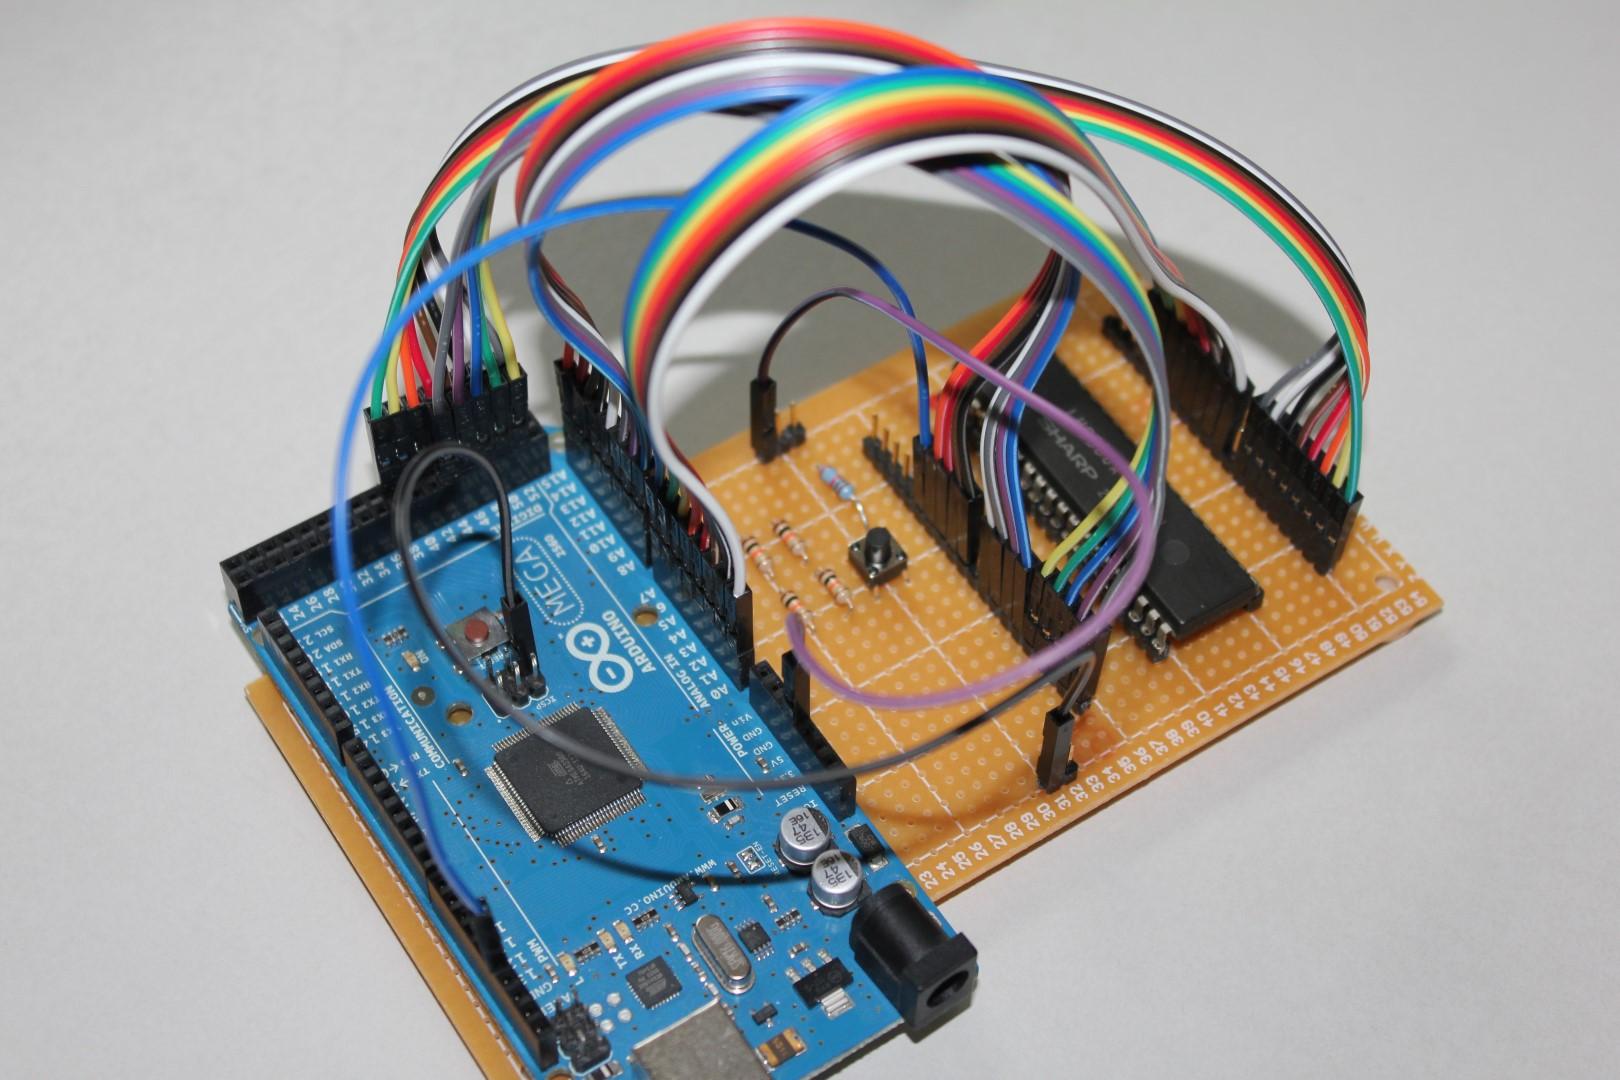 Z80 Ide Interface